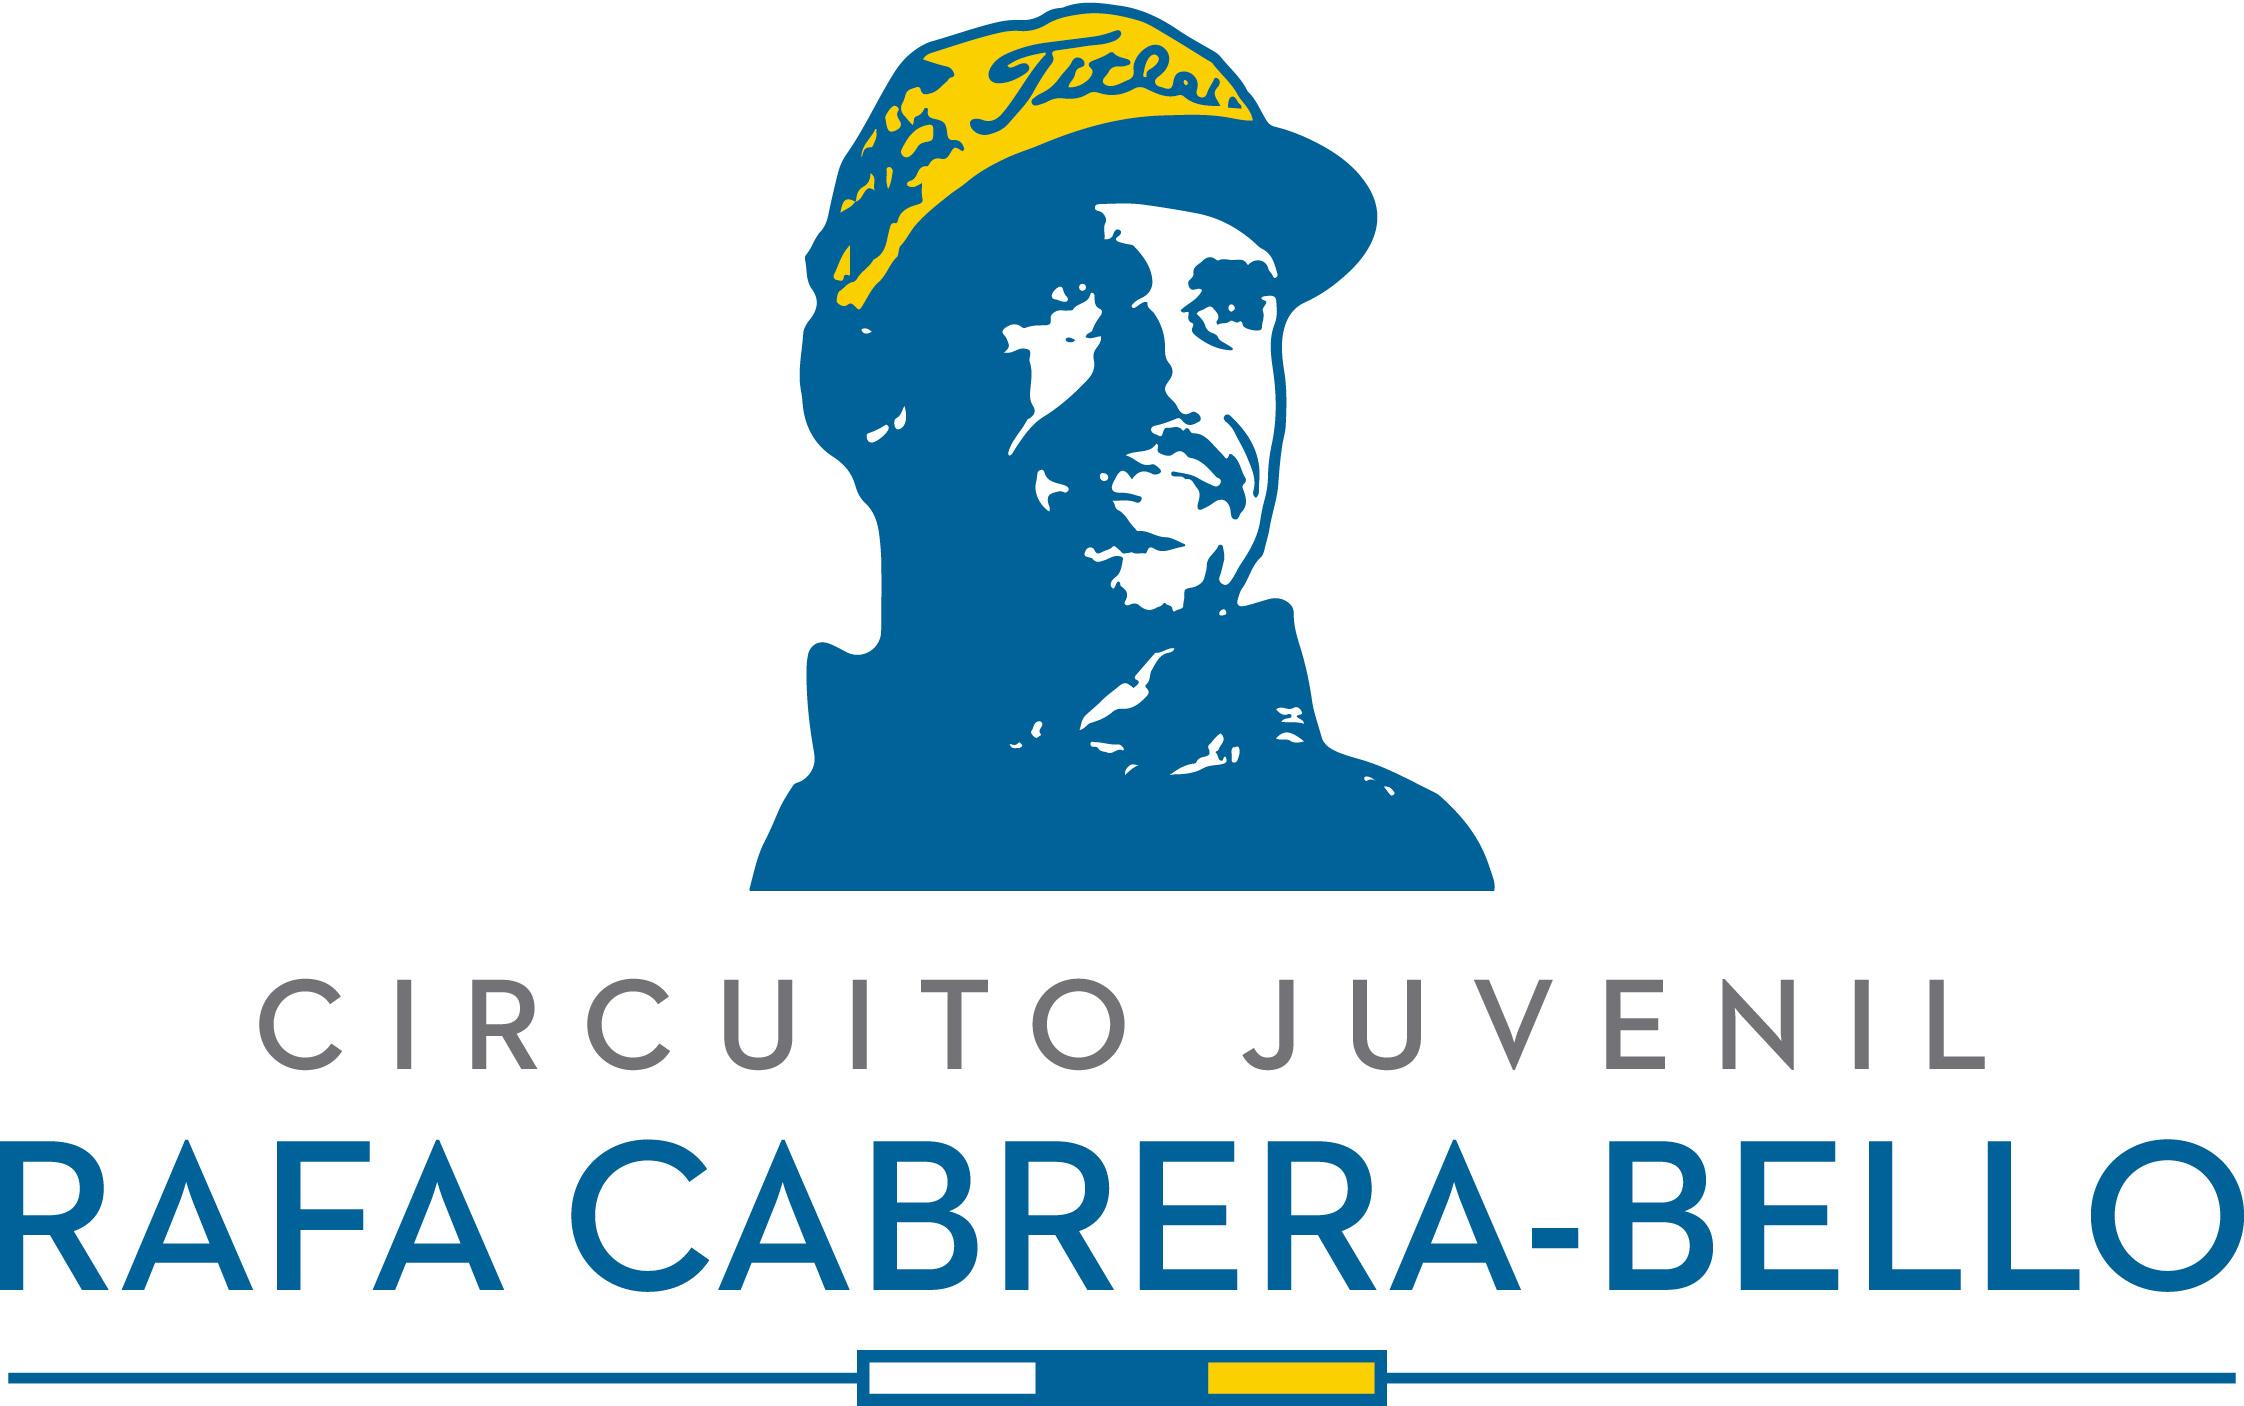 Circuito Juvenil Rafa Cabrera Bello